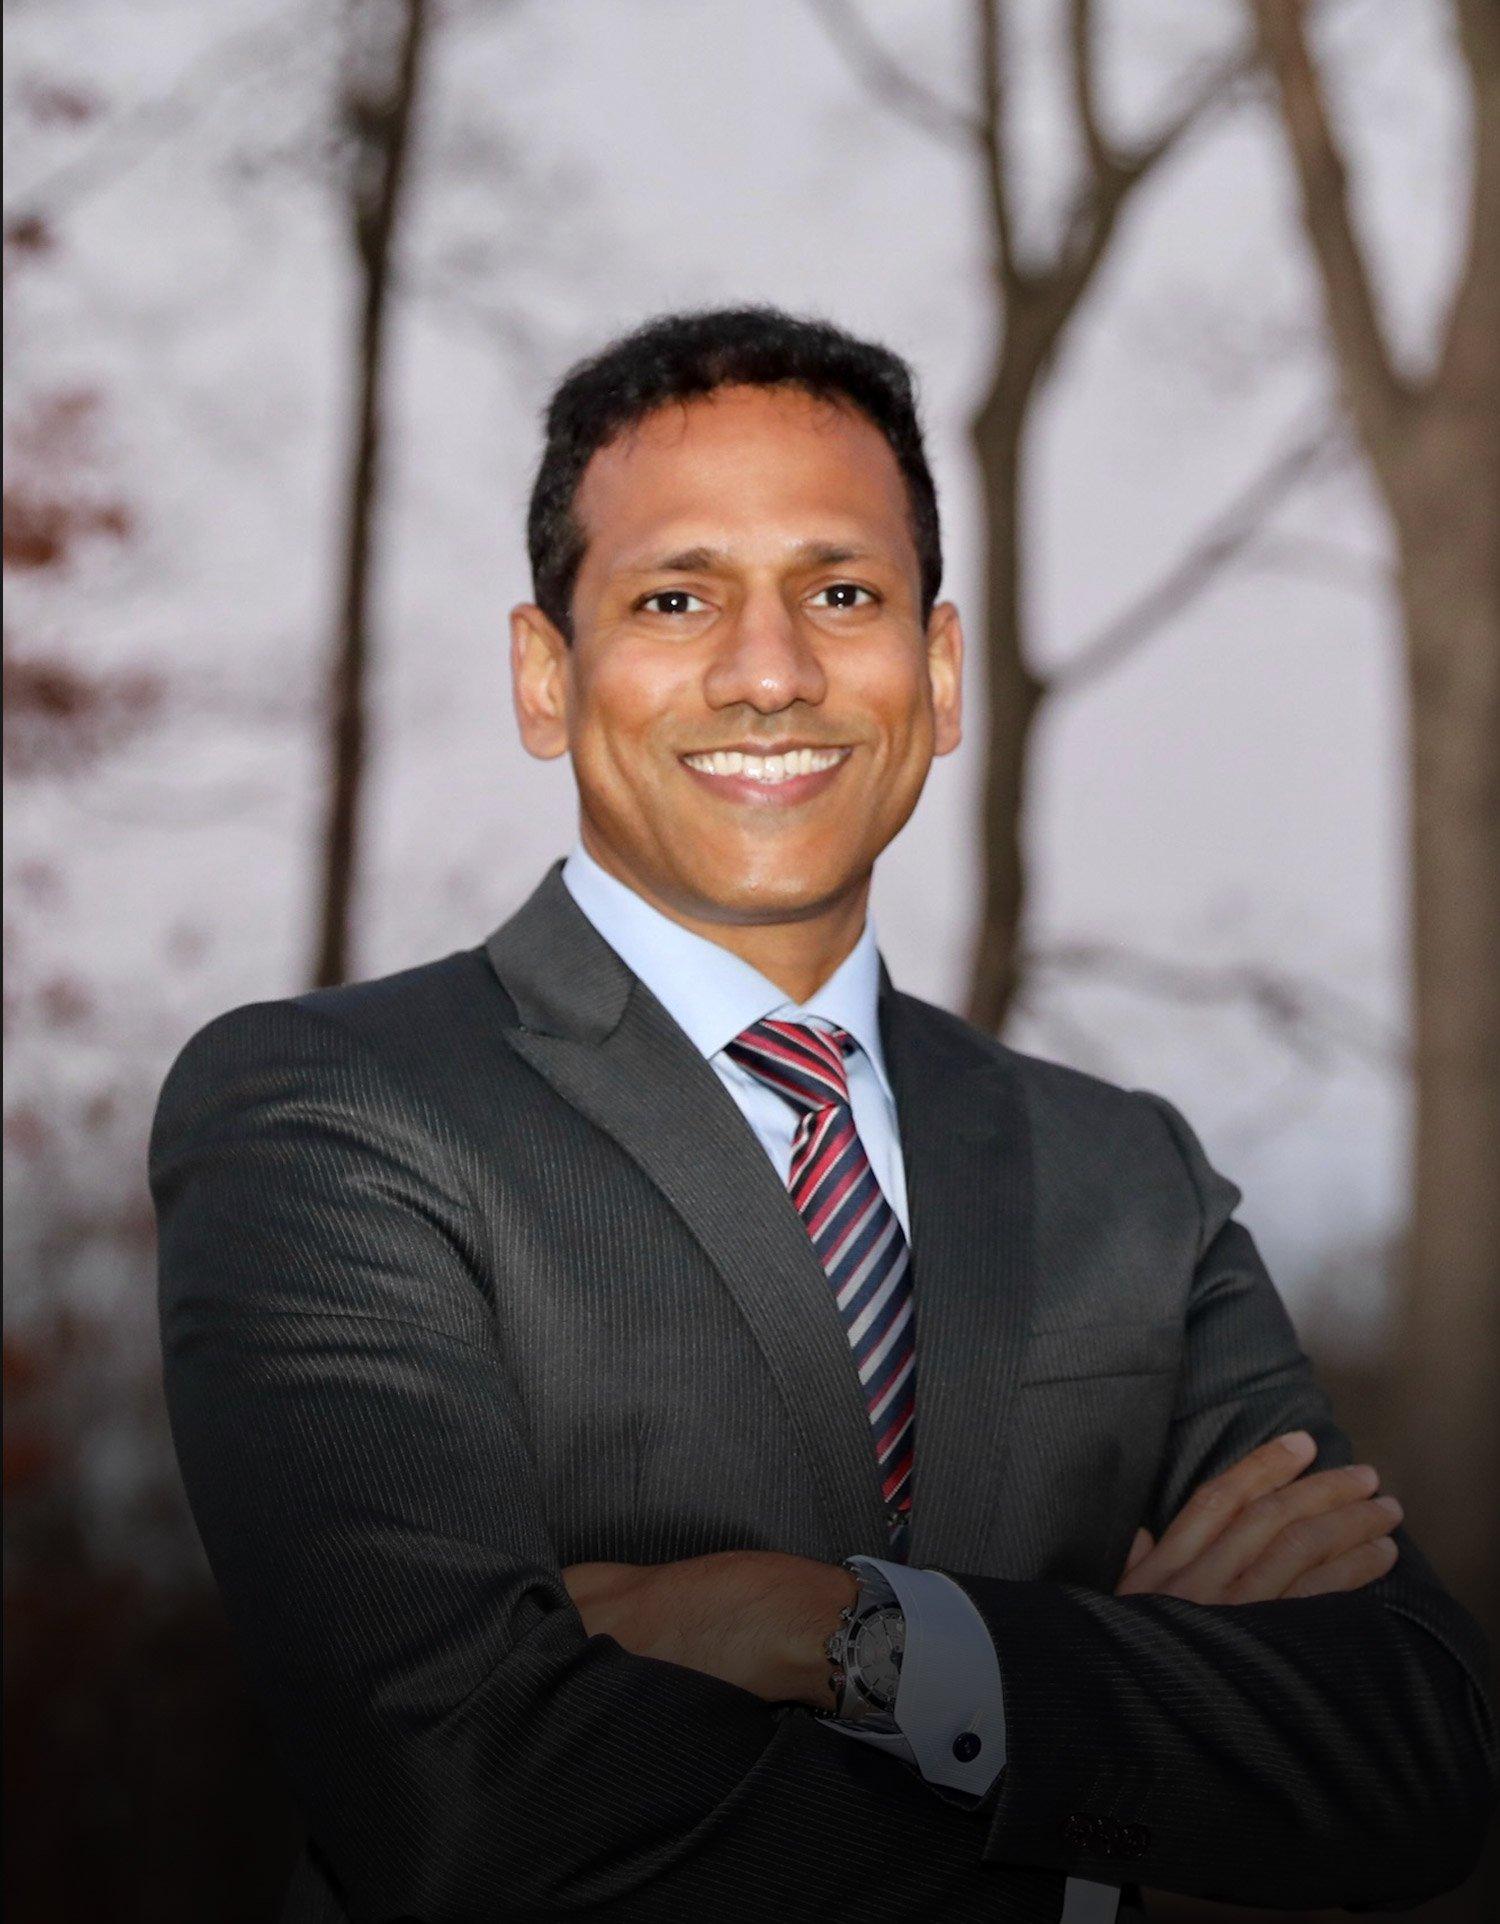 Dr. Kandra